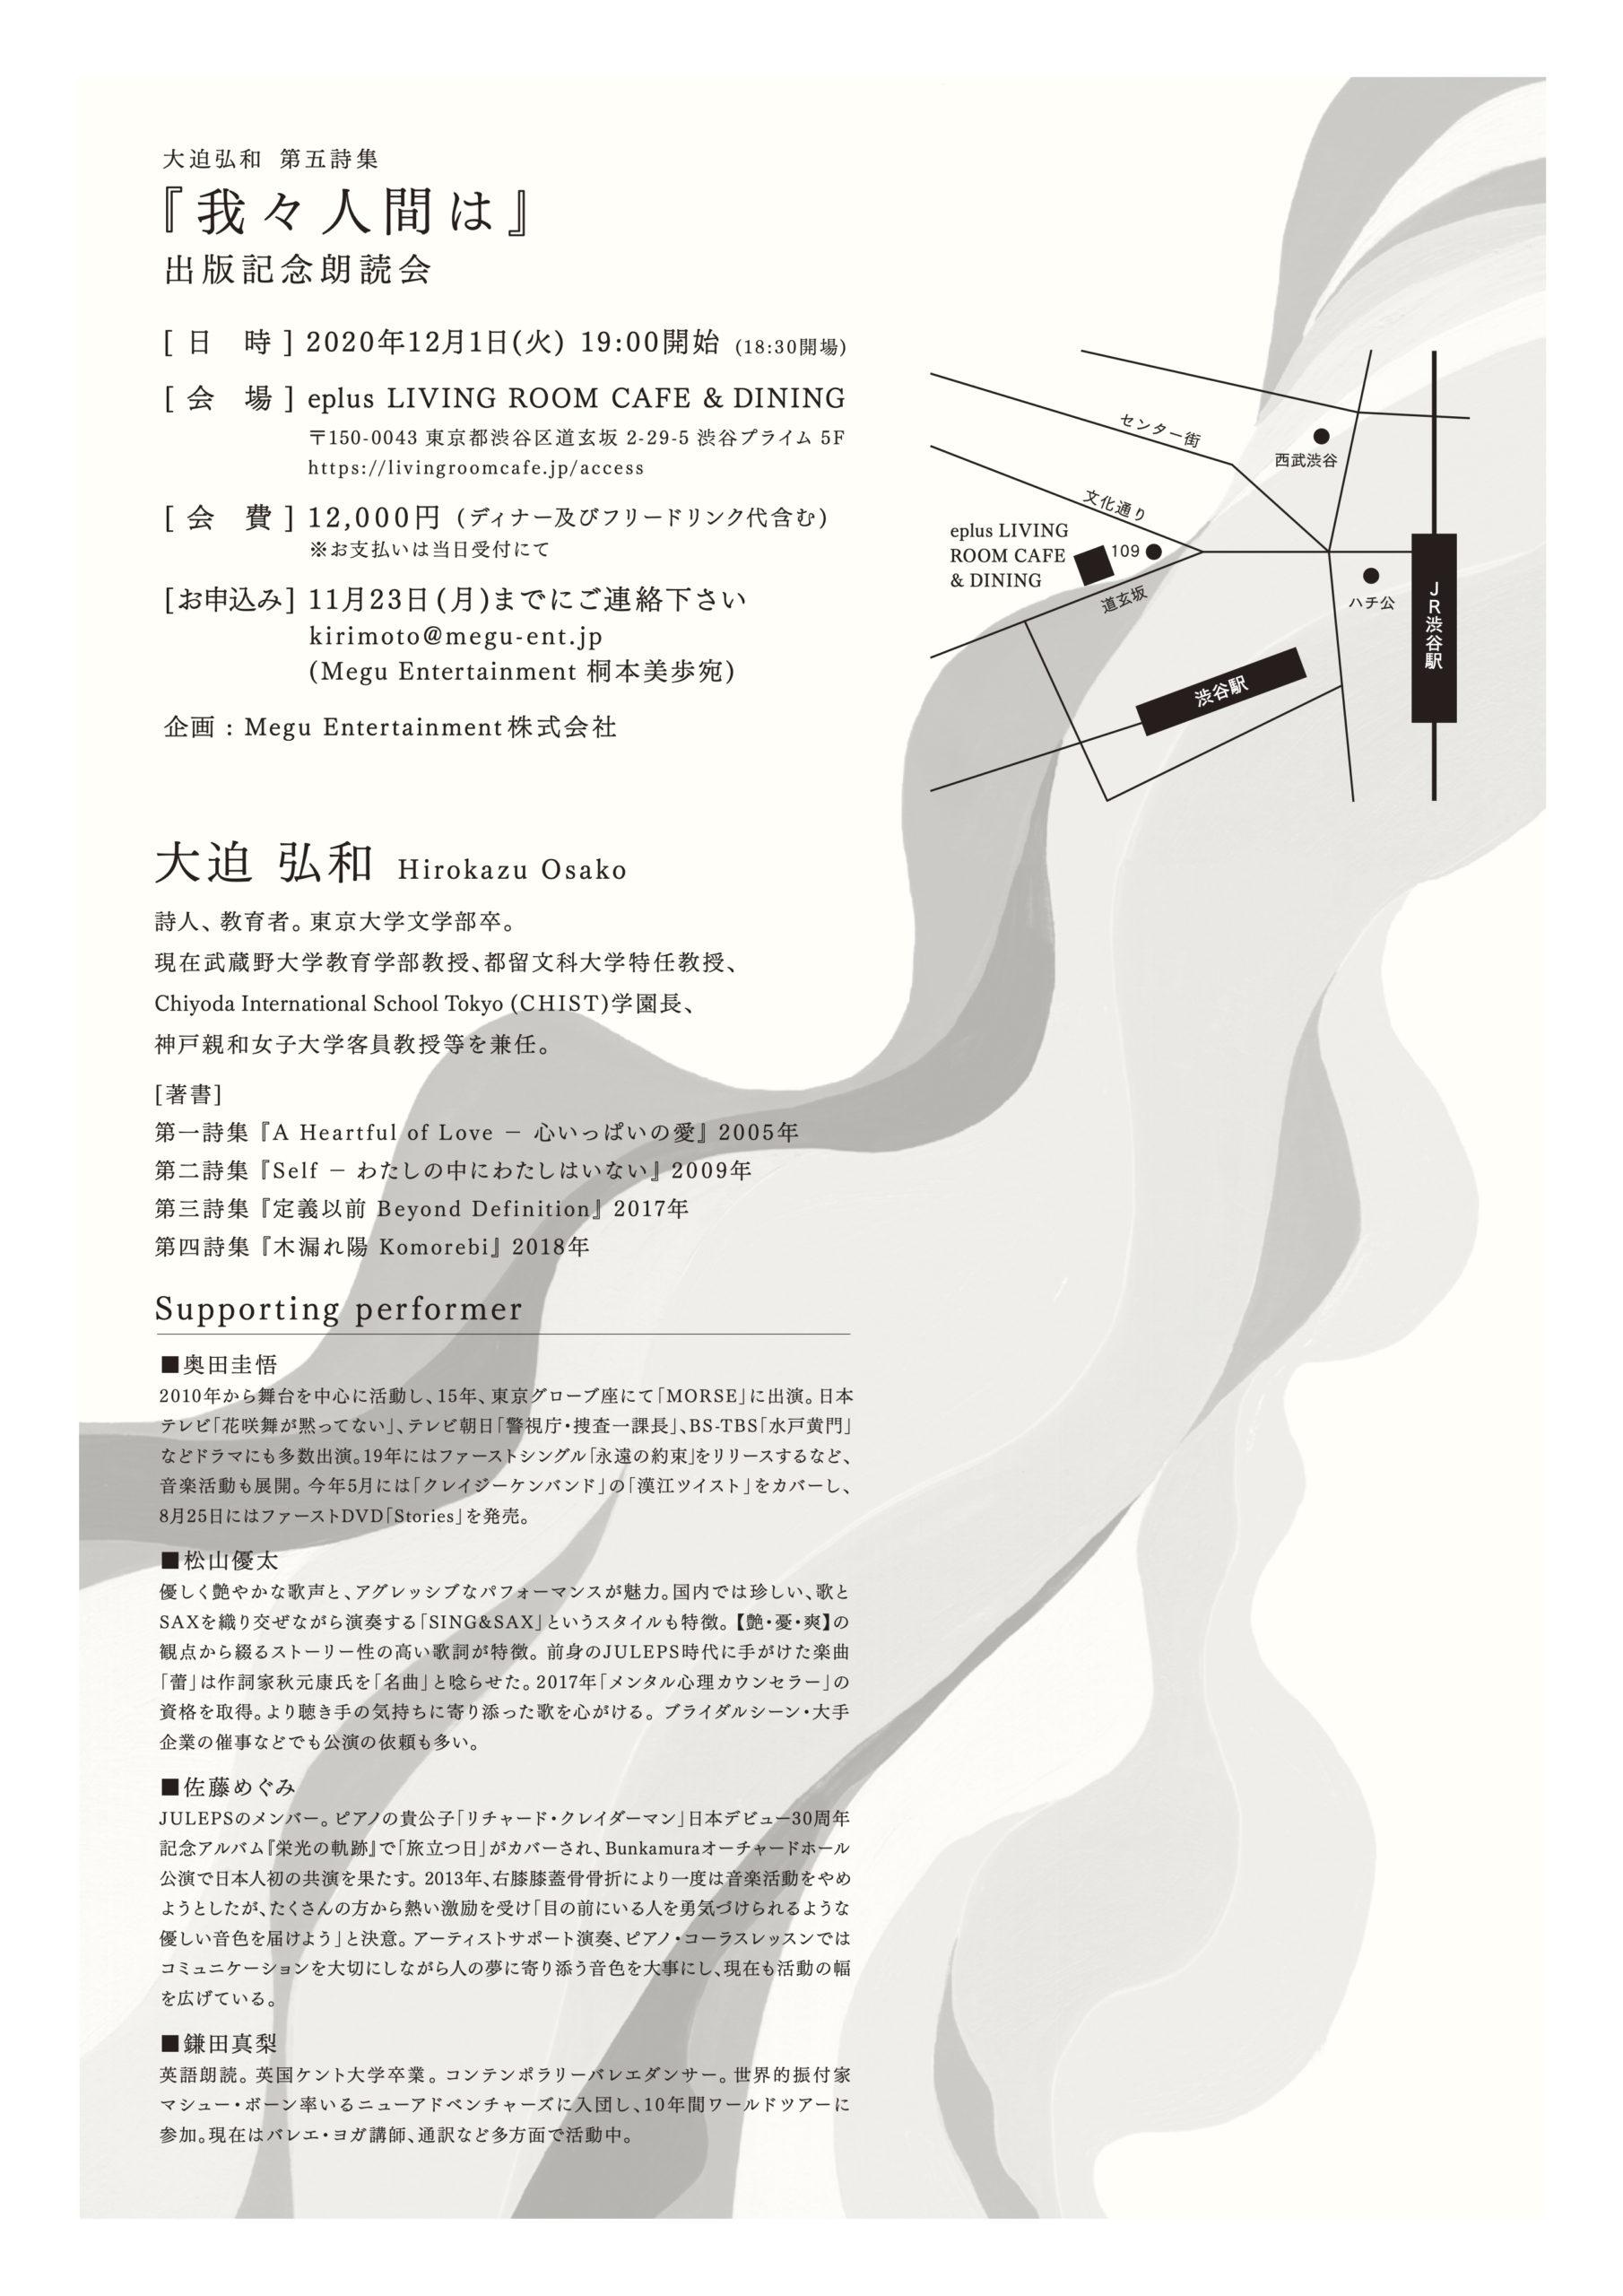 大迫弘和第五詩集『我々人間は』出版記念朗読会